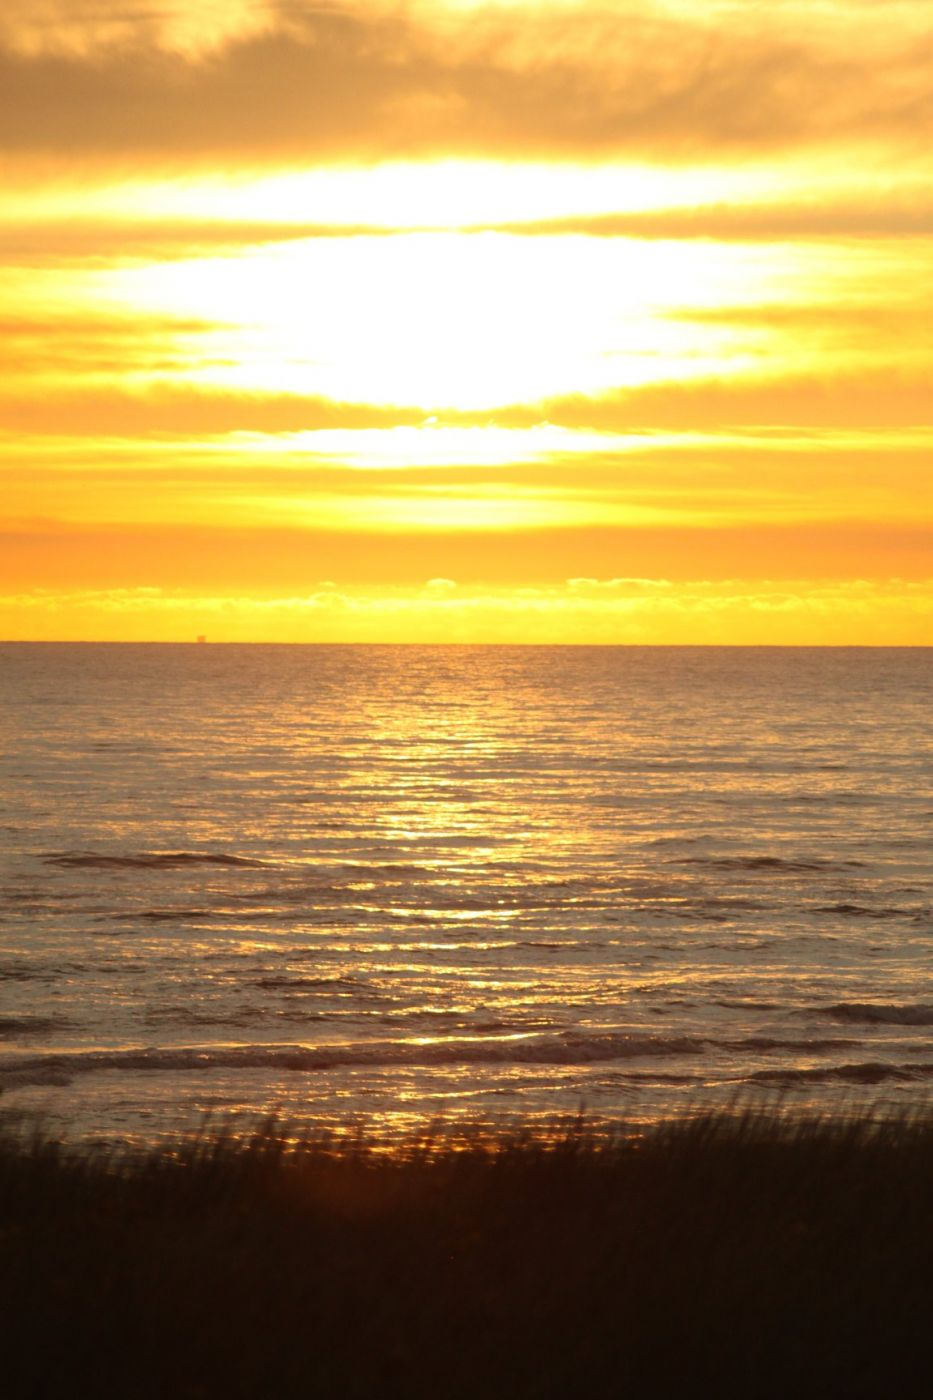 Sonnenuntergang in Egmond aan Zee, Netherlands